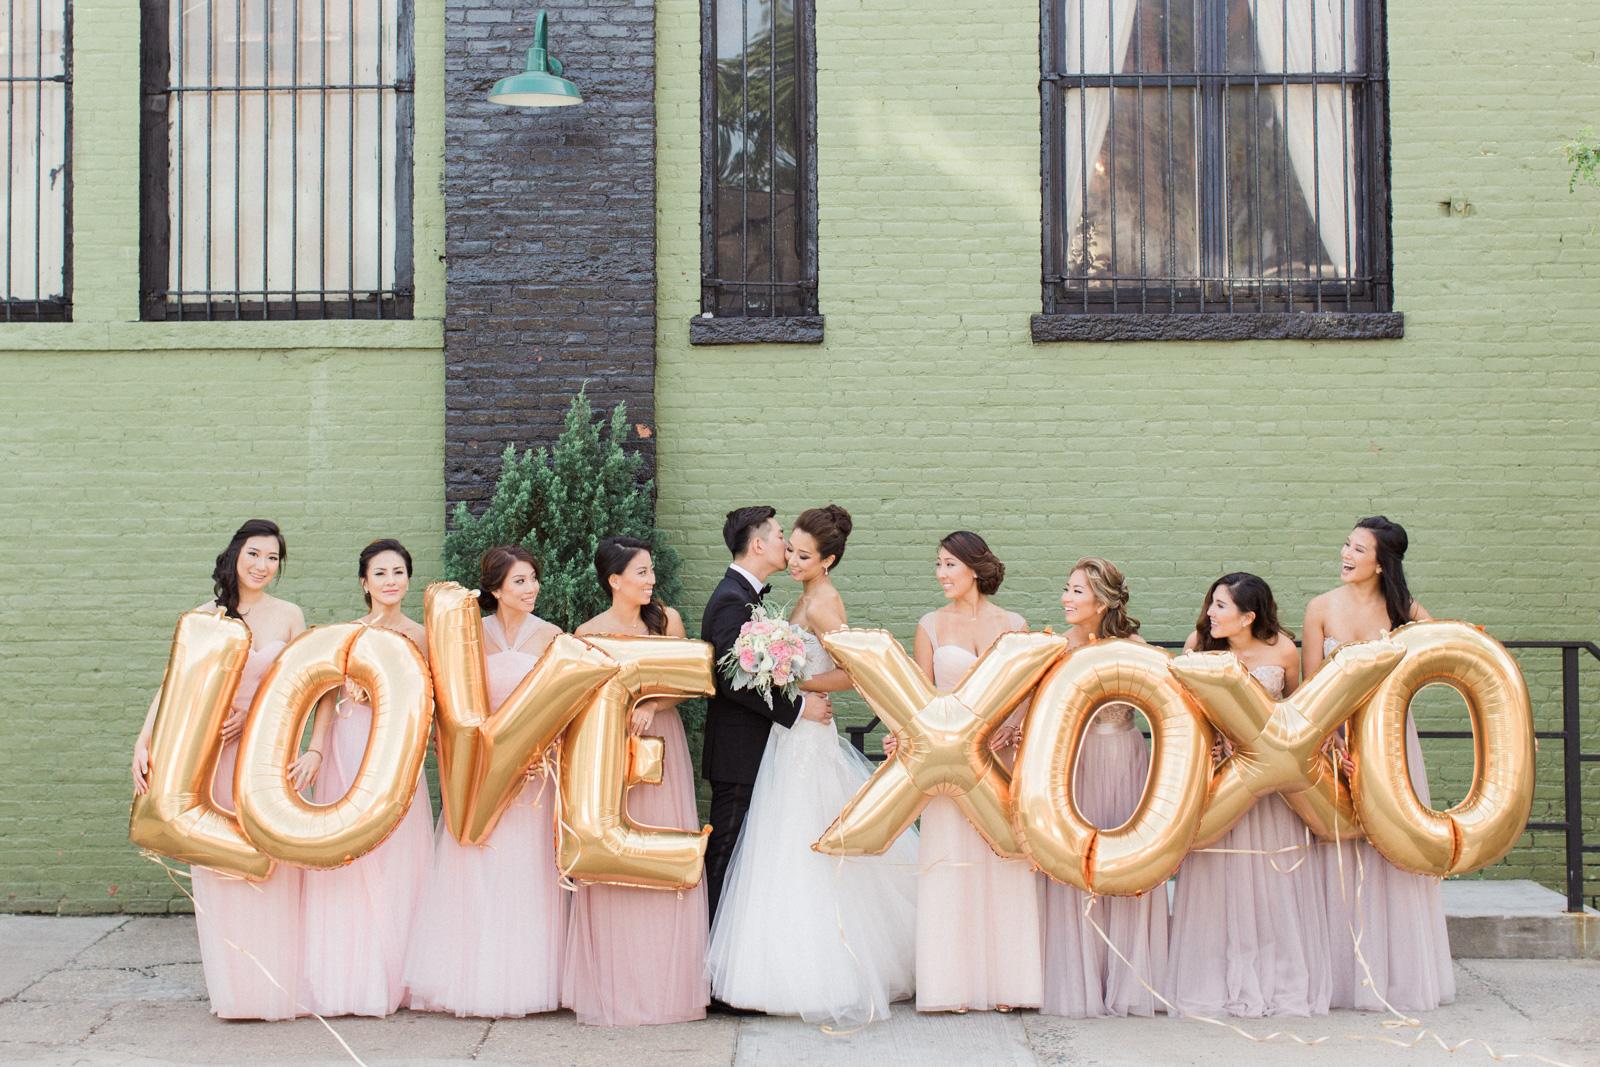 501union-wedding-brooklyn-NYC-0587.jpg